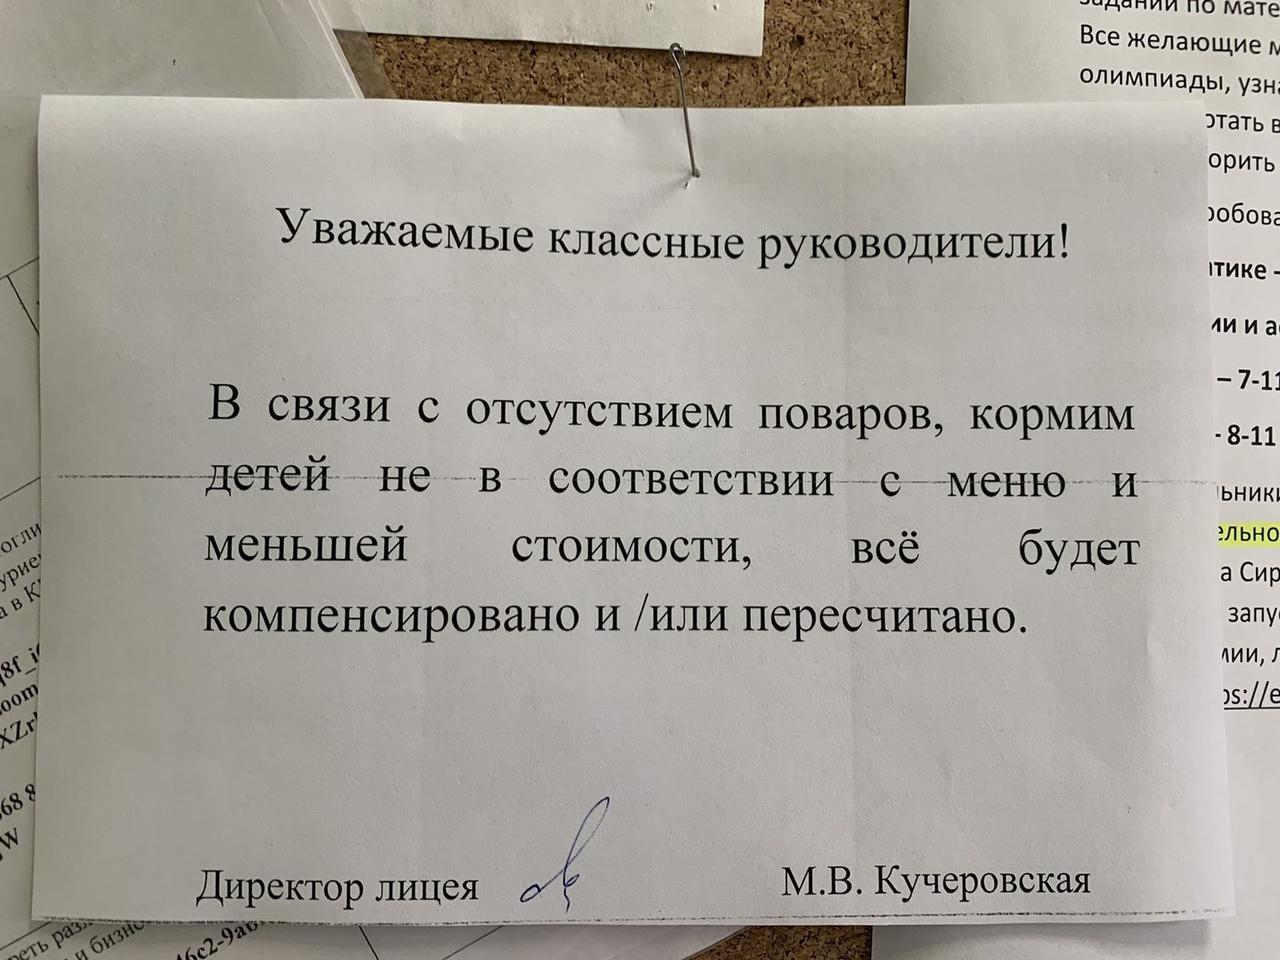 Скудный сухпаек в одной из костромских школ возмутил горожан